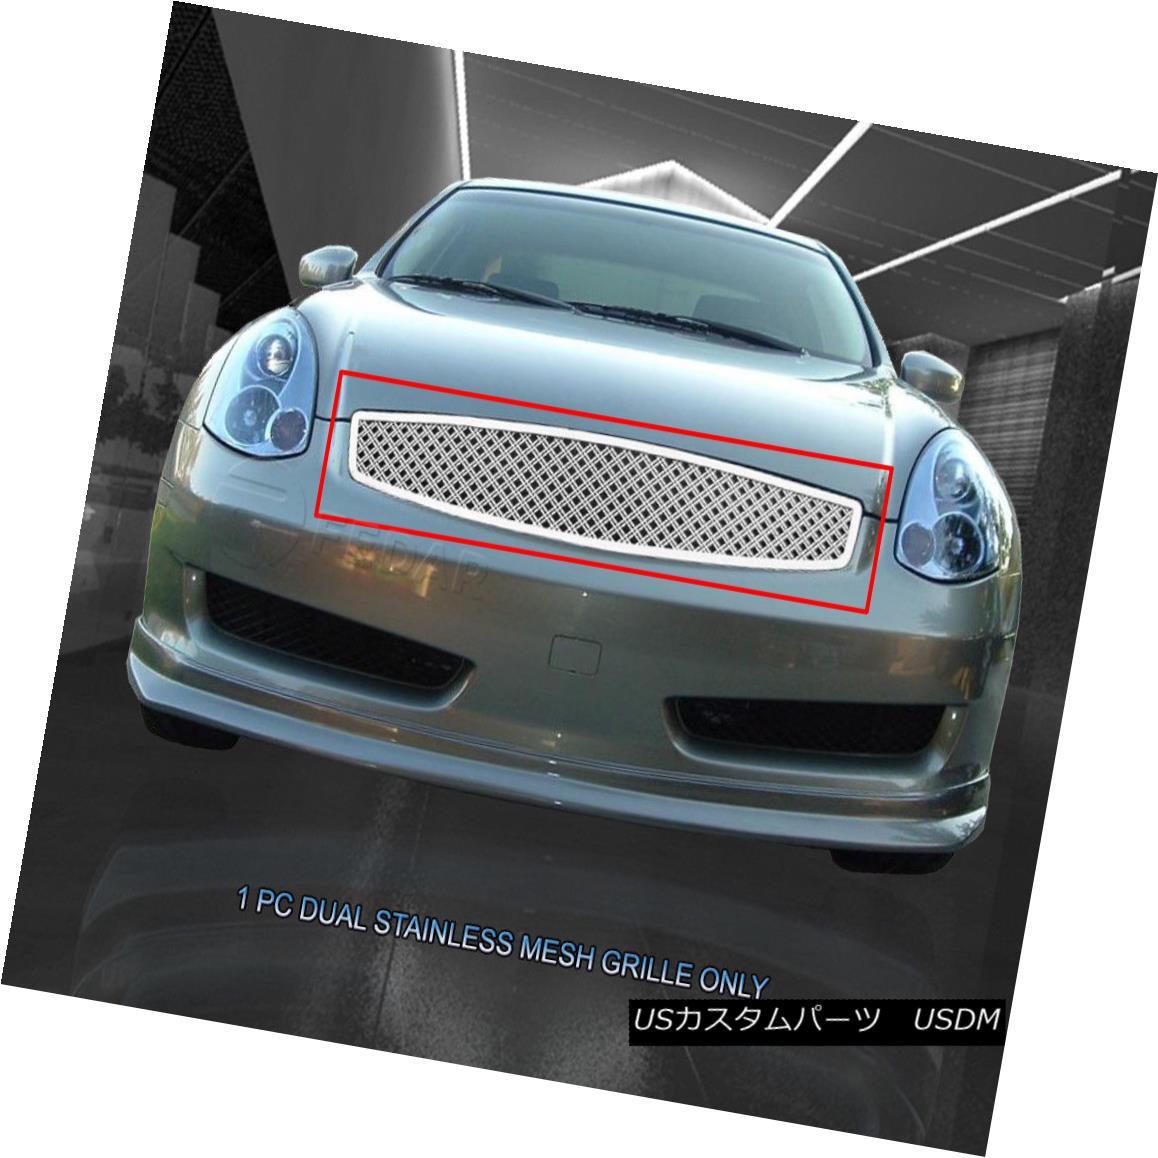 グリル Fedar Fits 2003-2007 Infiniti G35 Coupe Chrome Dual Weave Mesh Grille Insert Fedarフィット2003-2007インフィニティG35クーペクロムデュアルウィーブメッシュグリルインサート